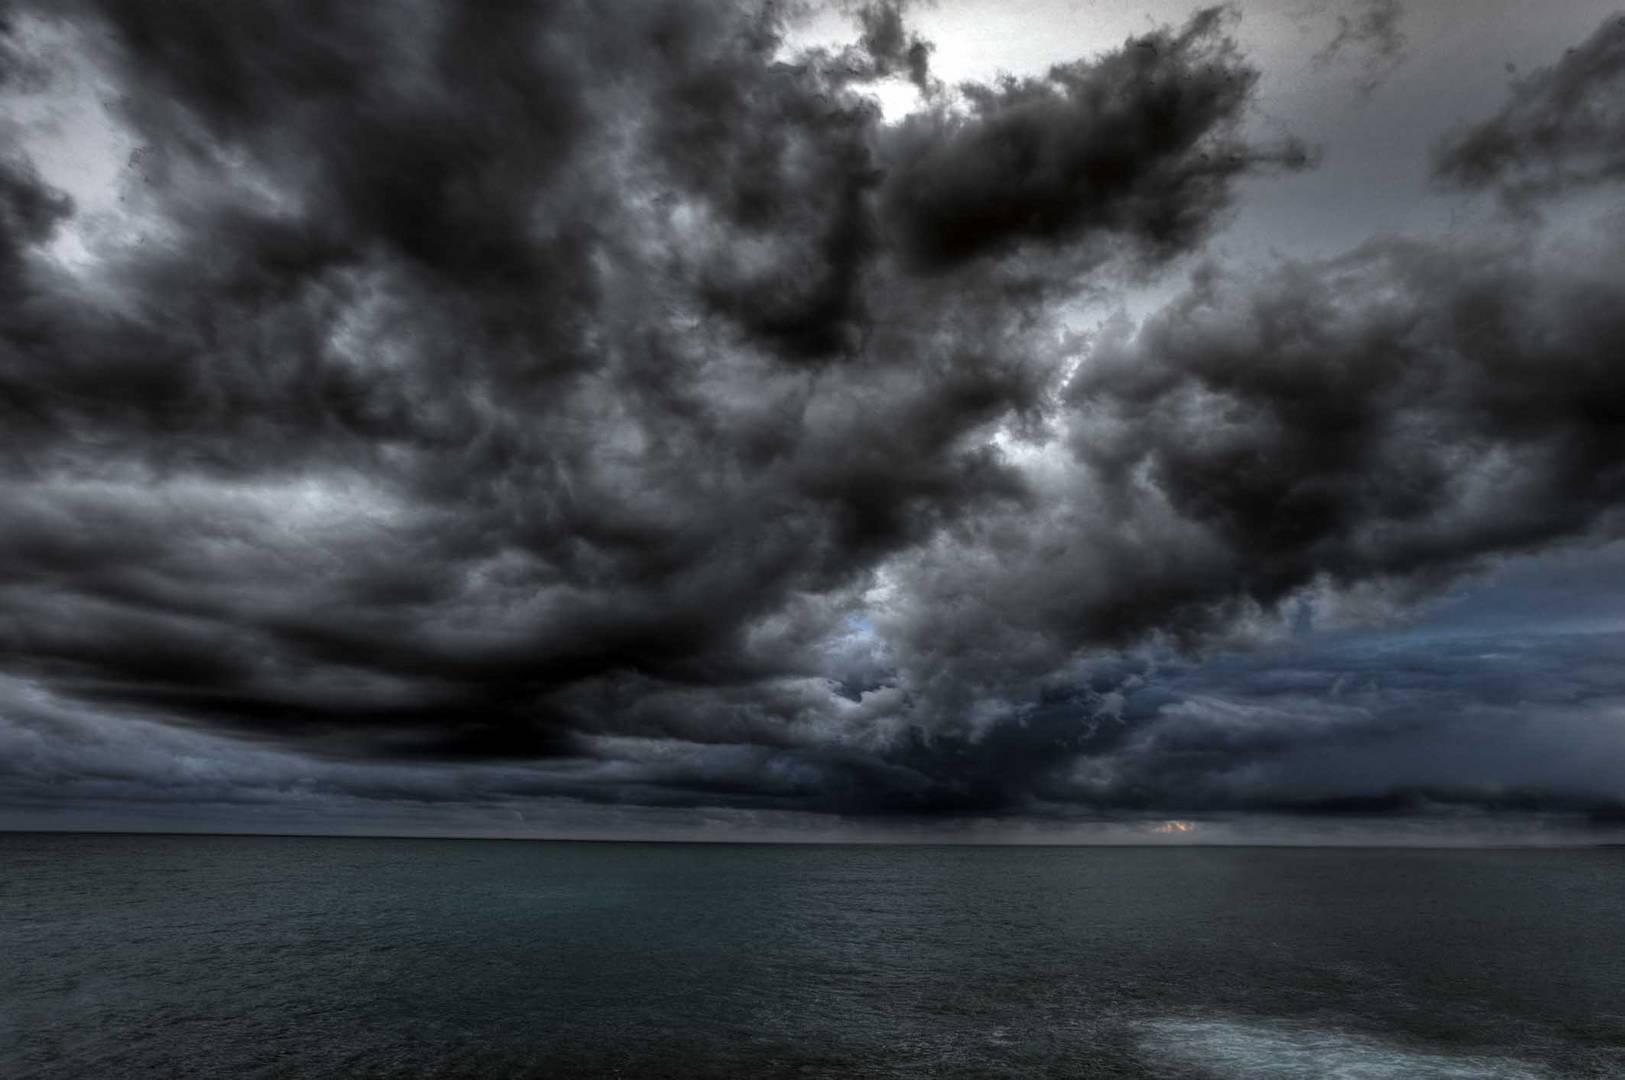 Der Sturm reinigt die See